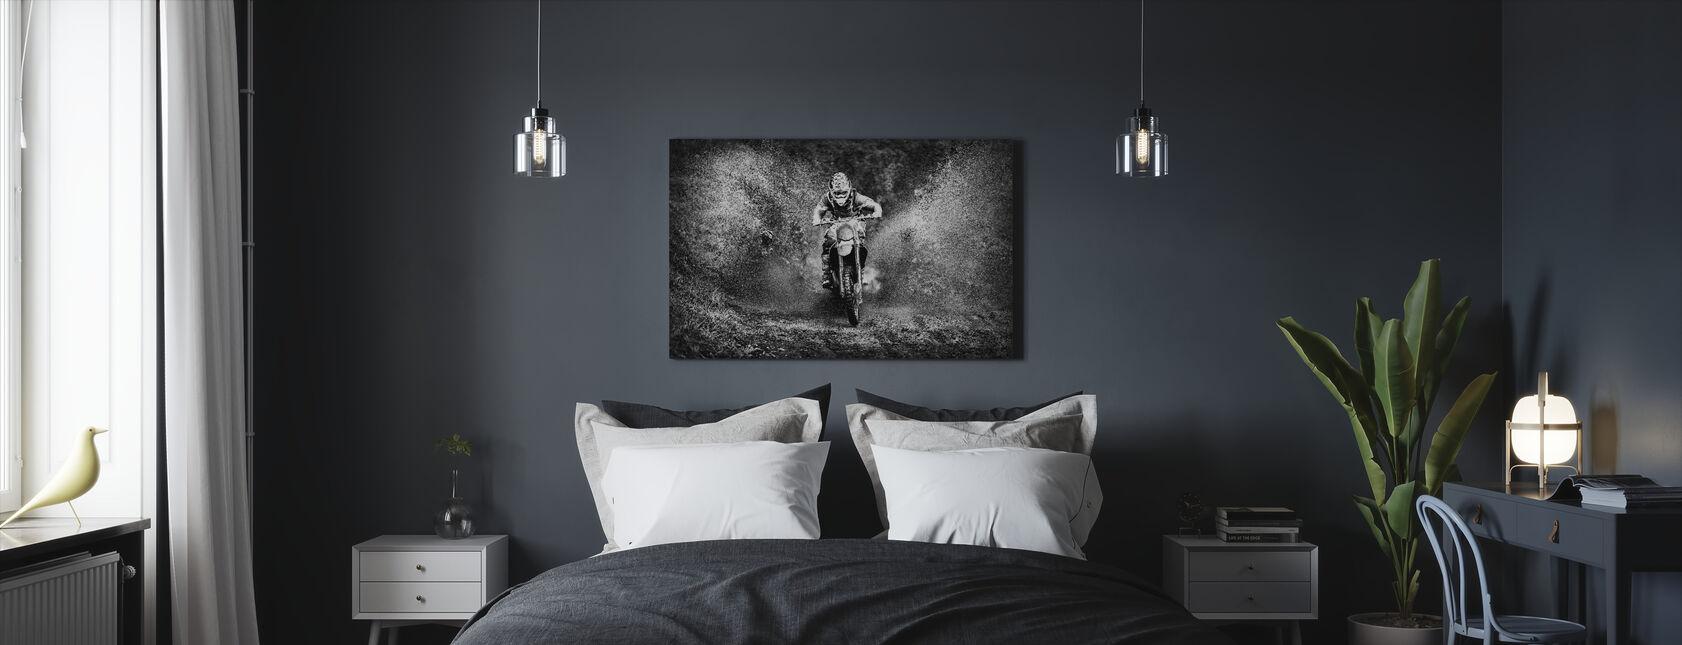 Drops - Canvas print - Bedroom